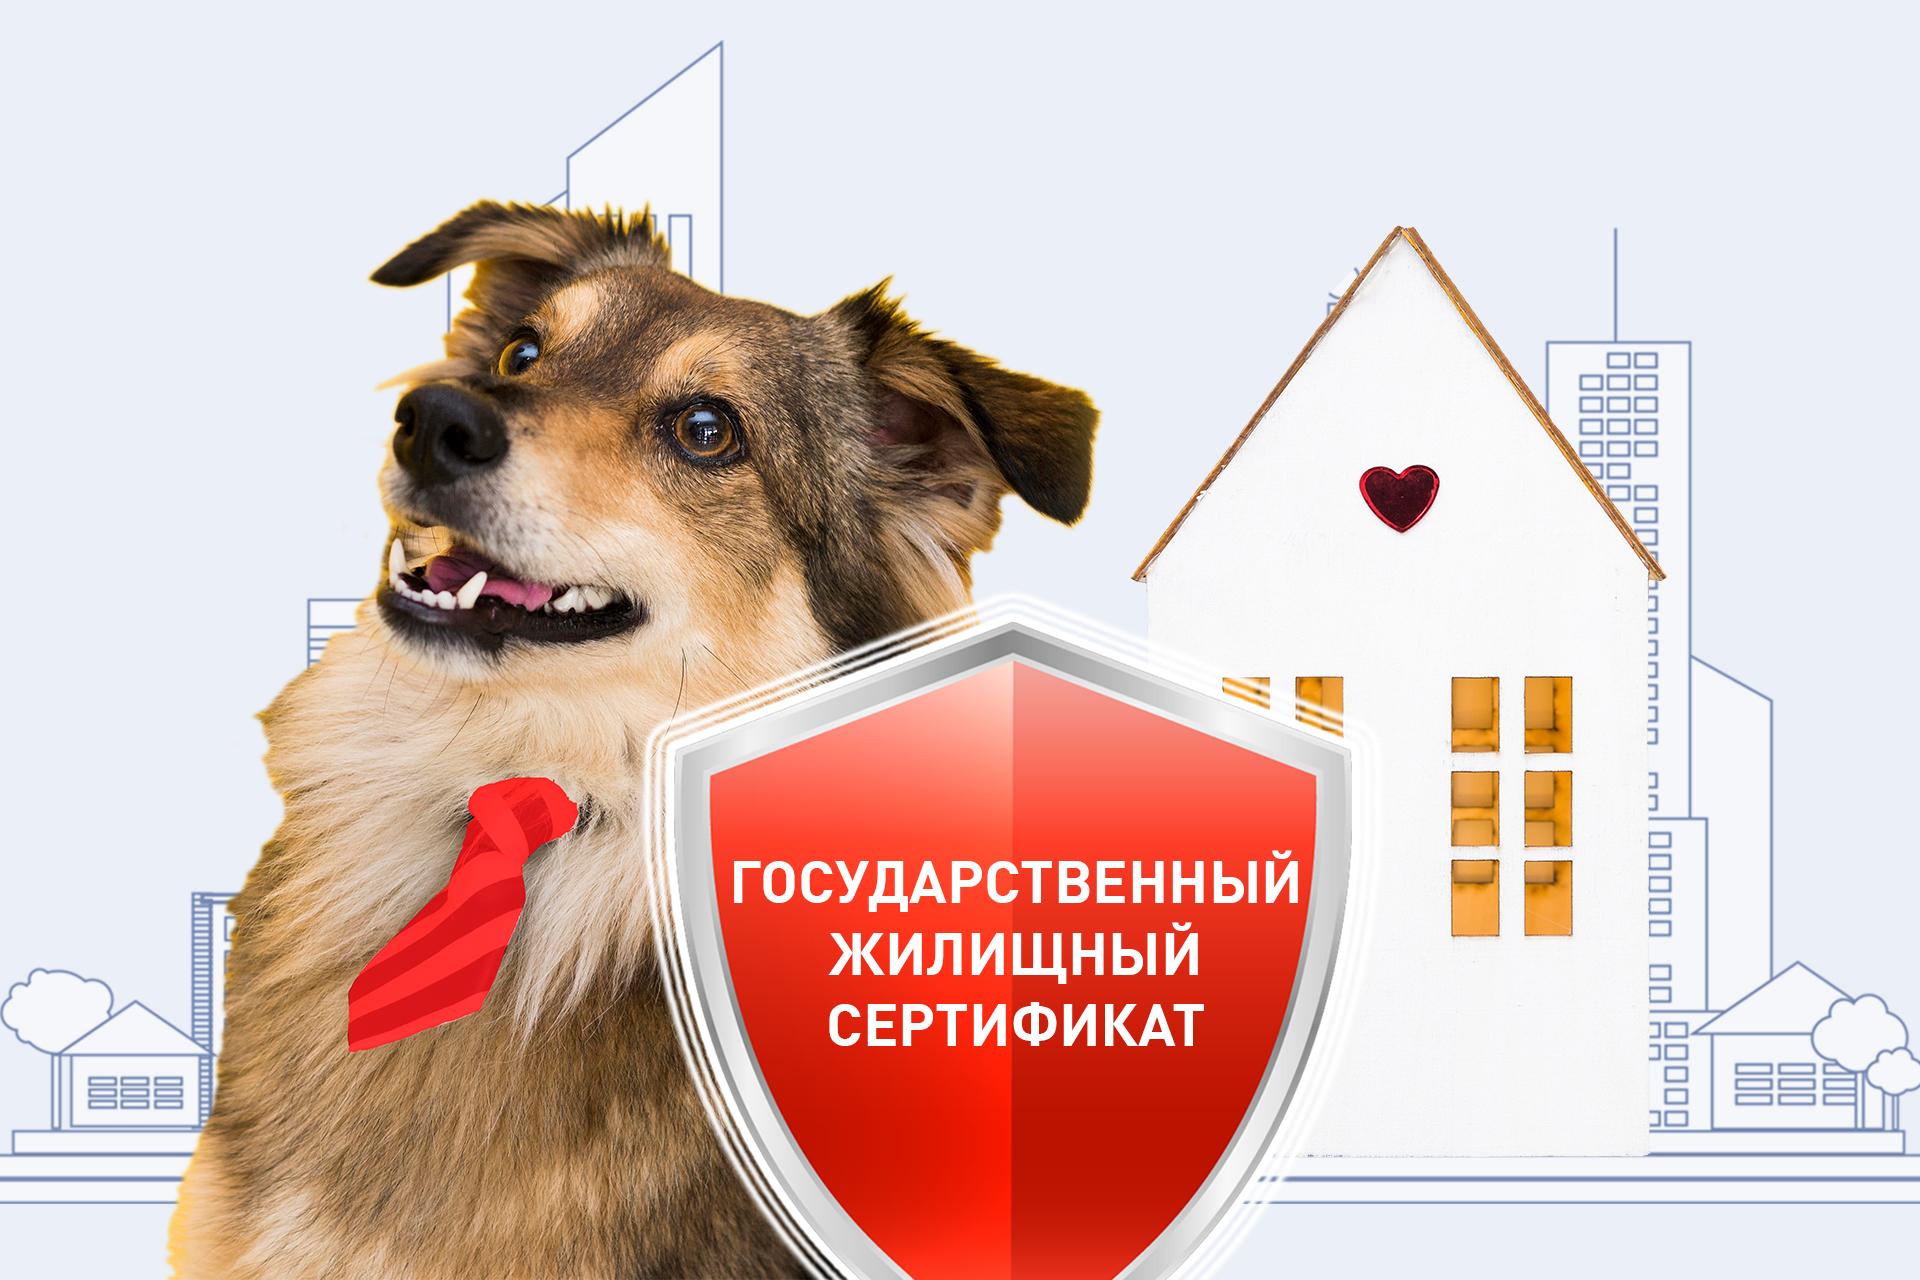 Государственные жилищные сертификаты